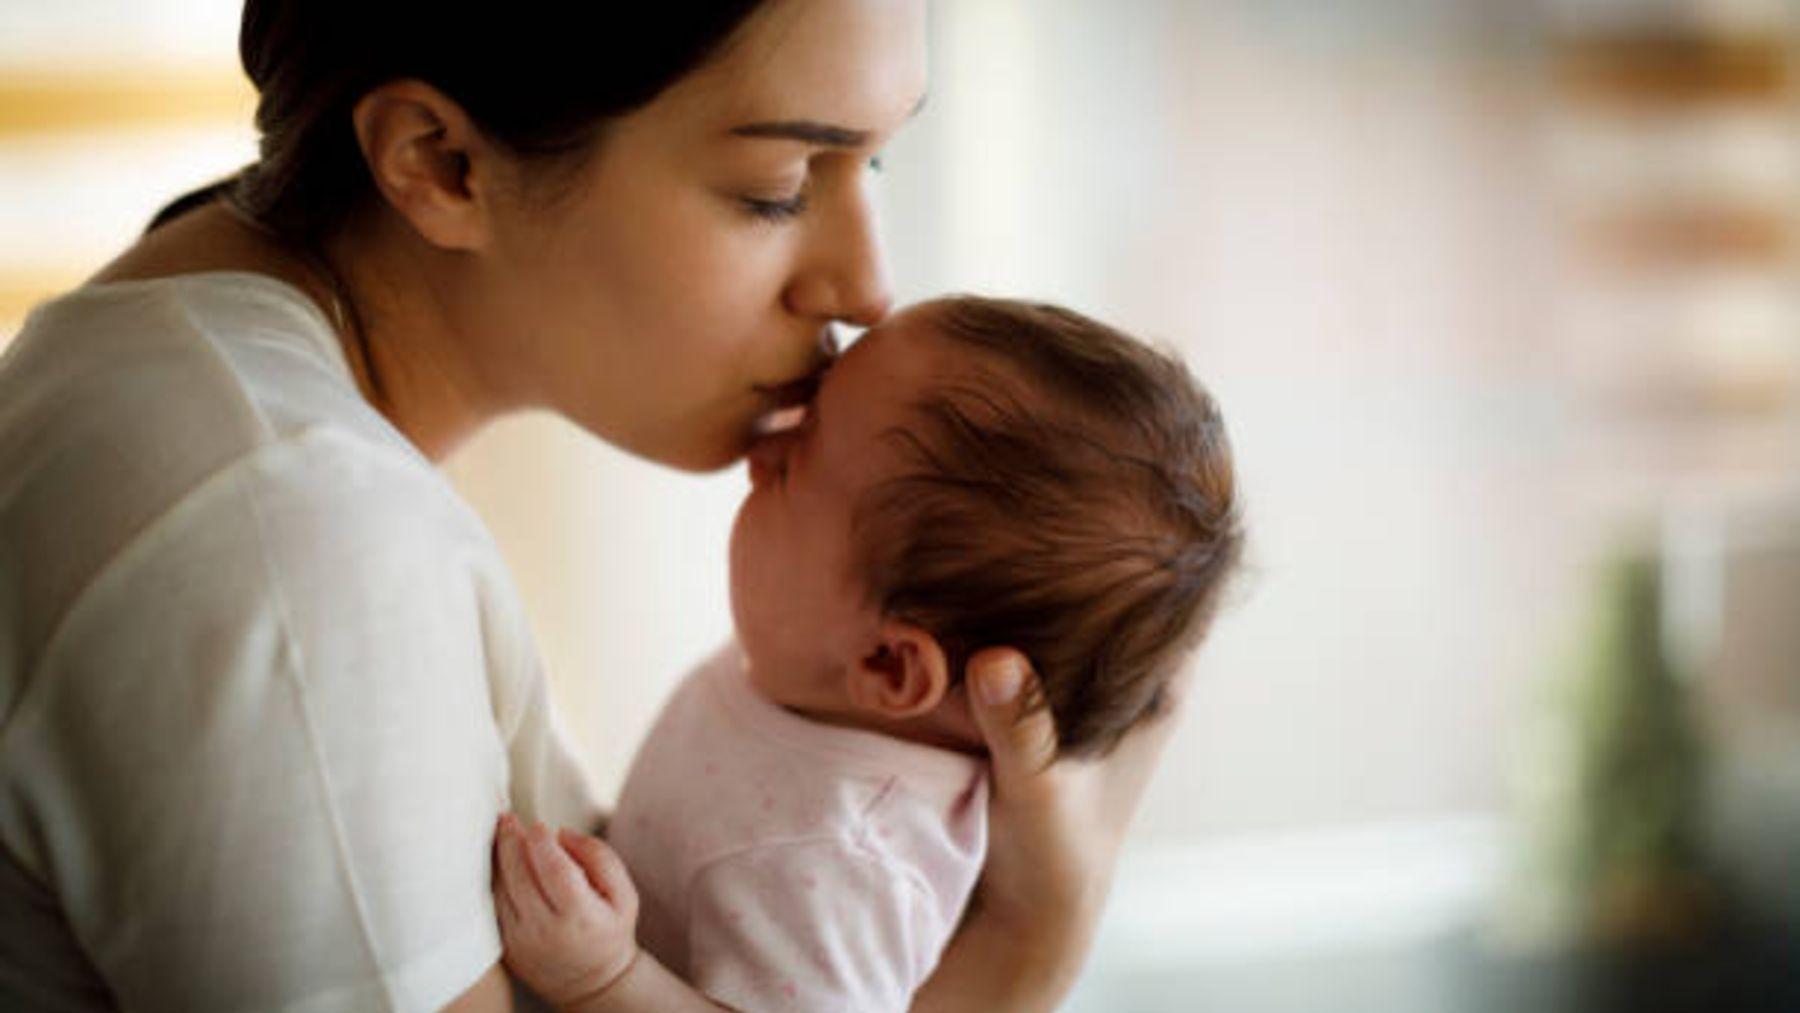 Cuánto tiempo tarda la mujer en recuperarse tras dar a luz